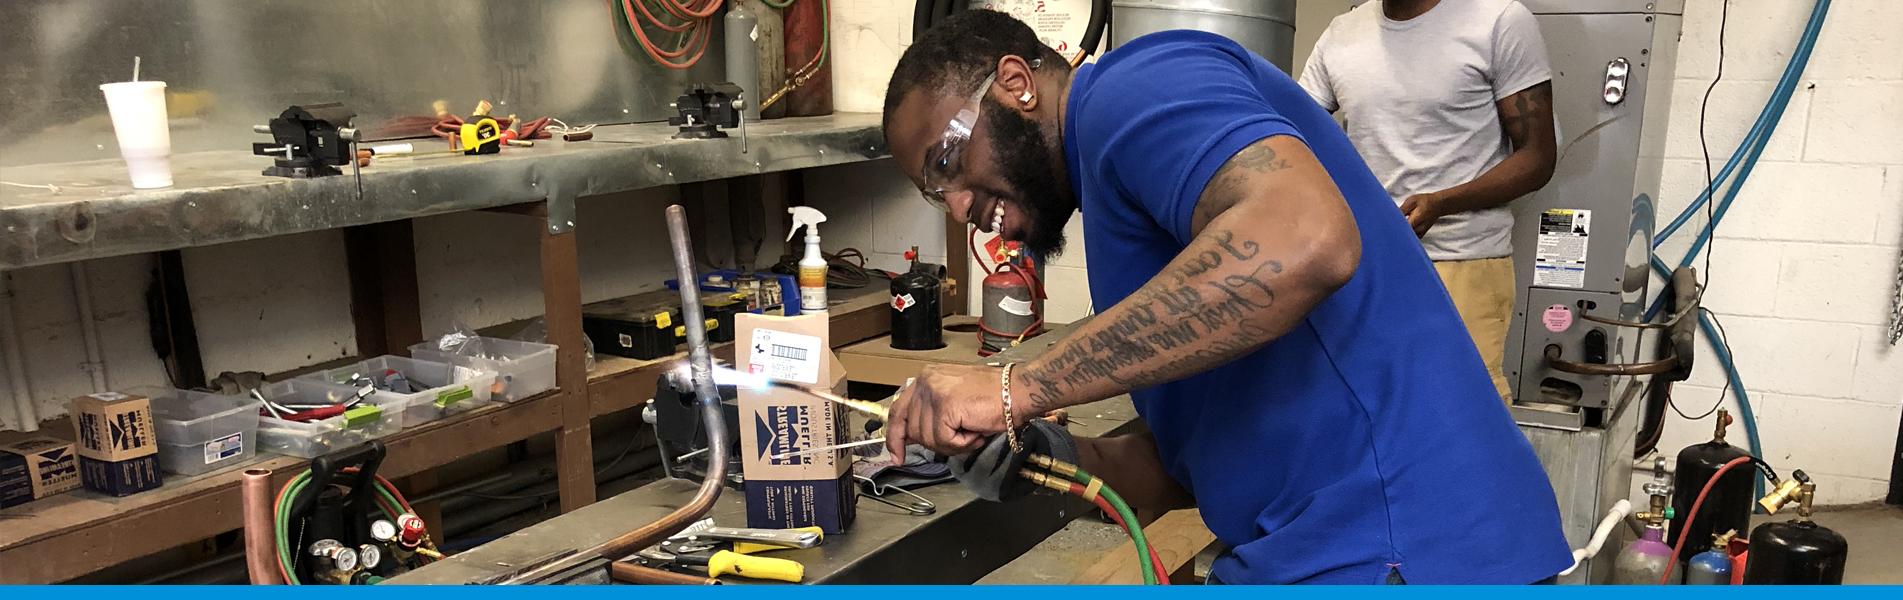 Man Welding Piping for HVAC Program